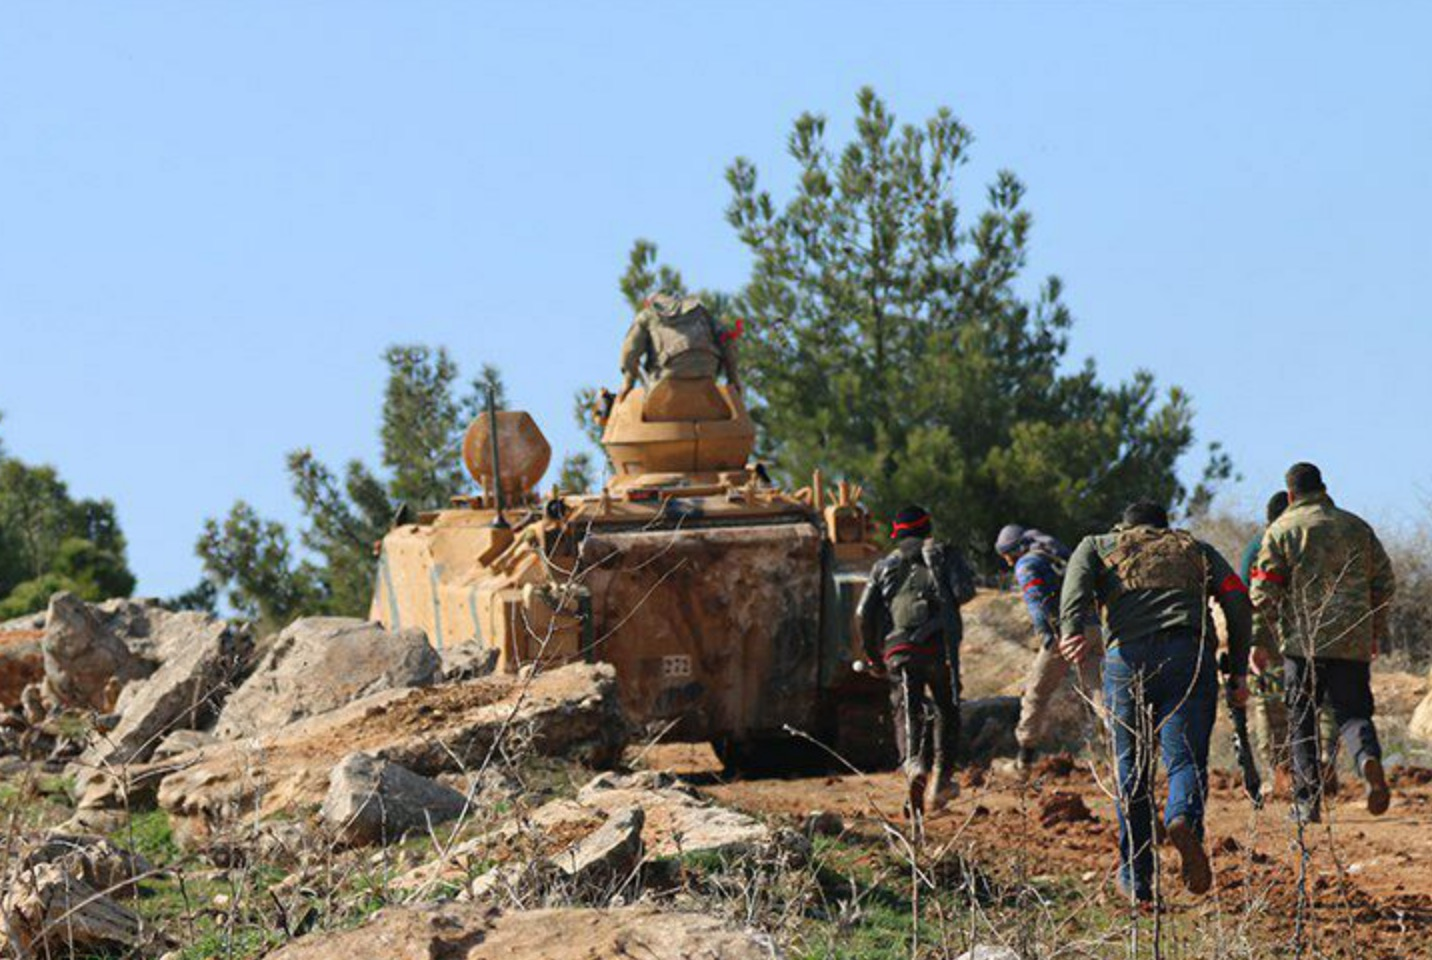 Zeytin Dalı Harekatı'nda son durum: 'Yakın zamanda cepler birleşecek'